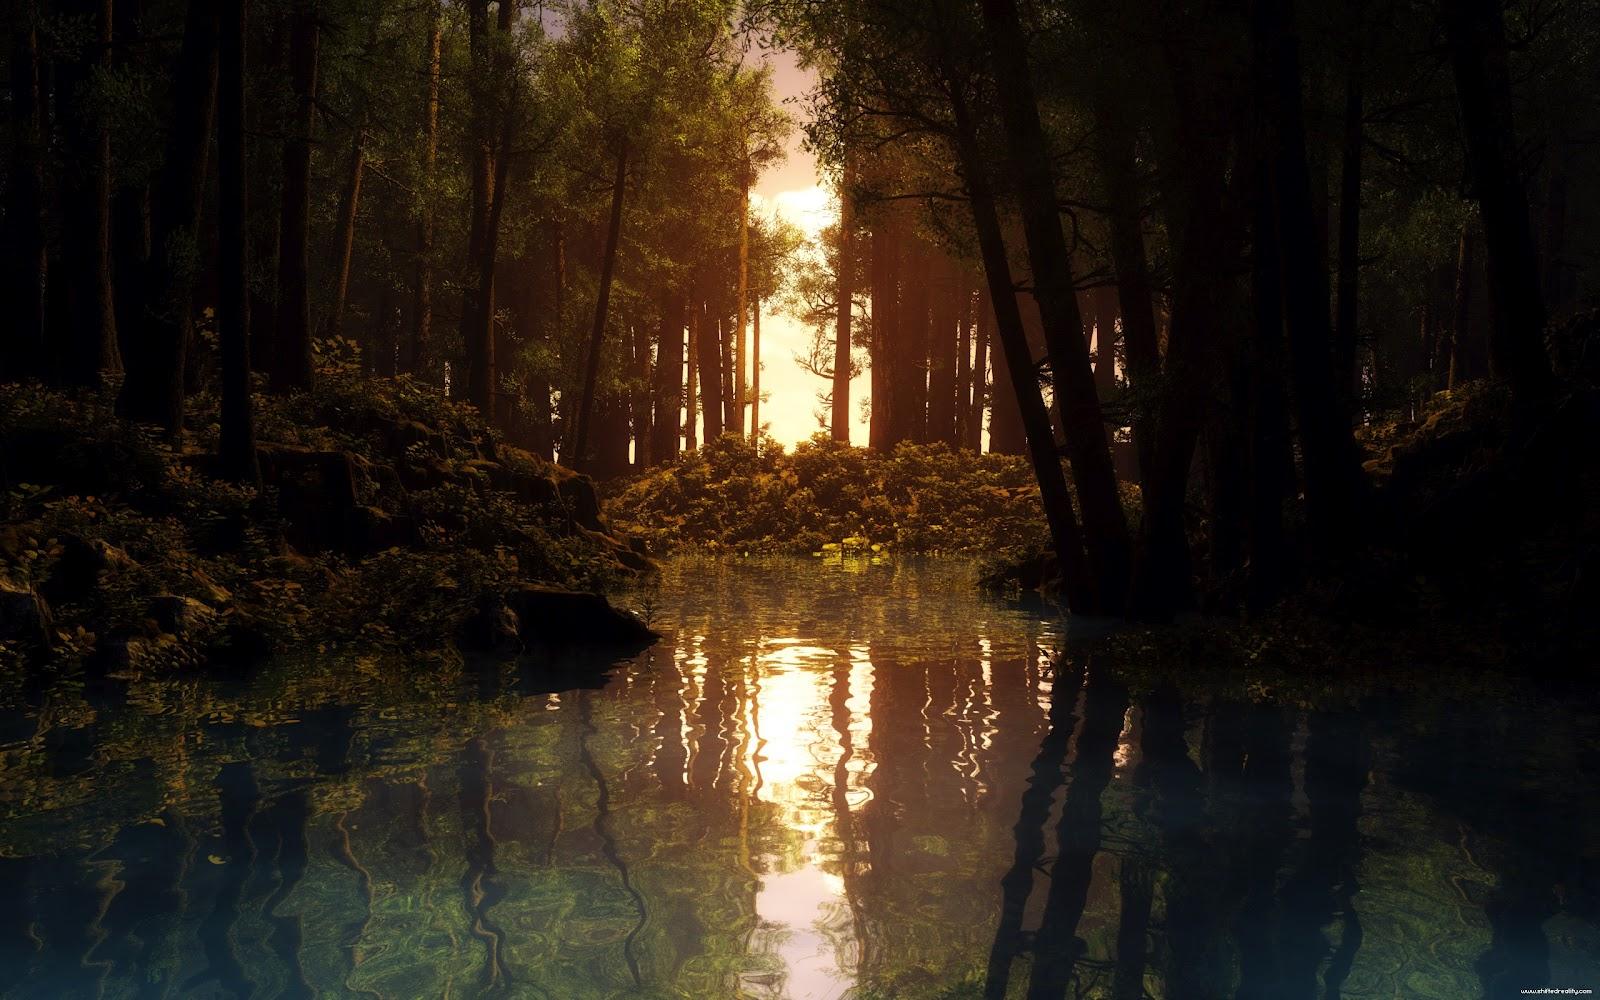 http://3.bp.blogspot.com/-Bg8WFF0HT3A/TzLJom2NETI/AAAAAAAAAJI/_LghQOR1m08/s1600/HD_Nature_Wallpapers_by_CurtiXs.jpg